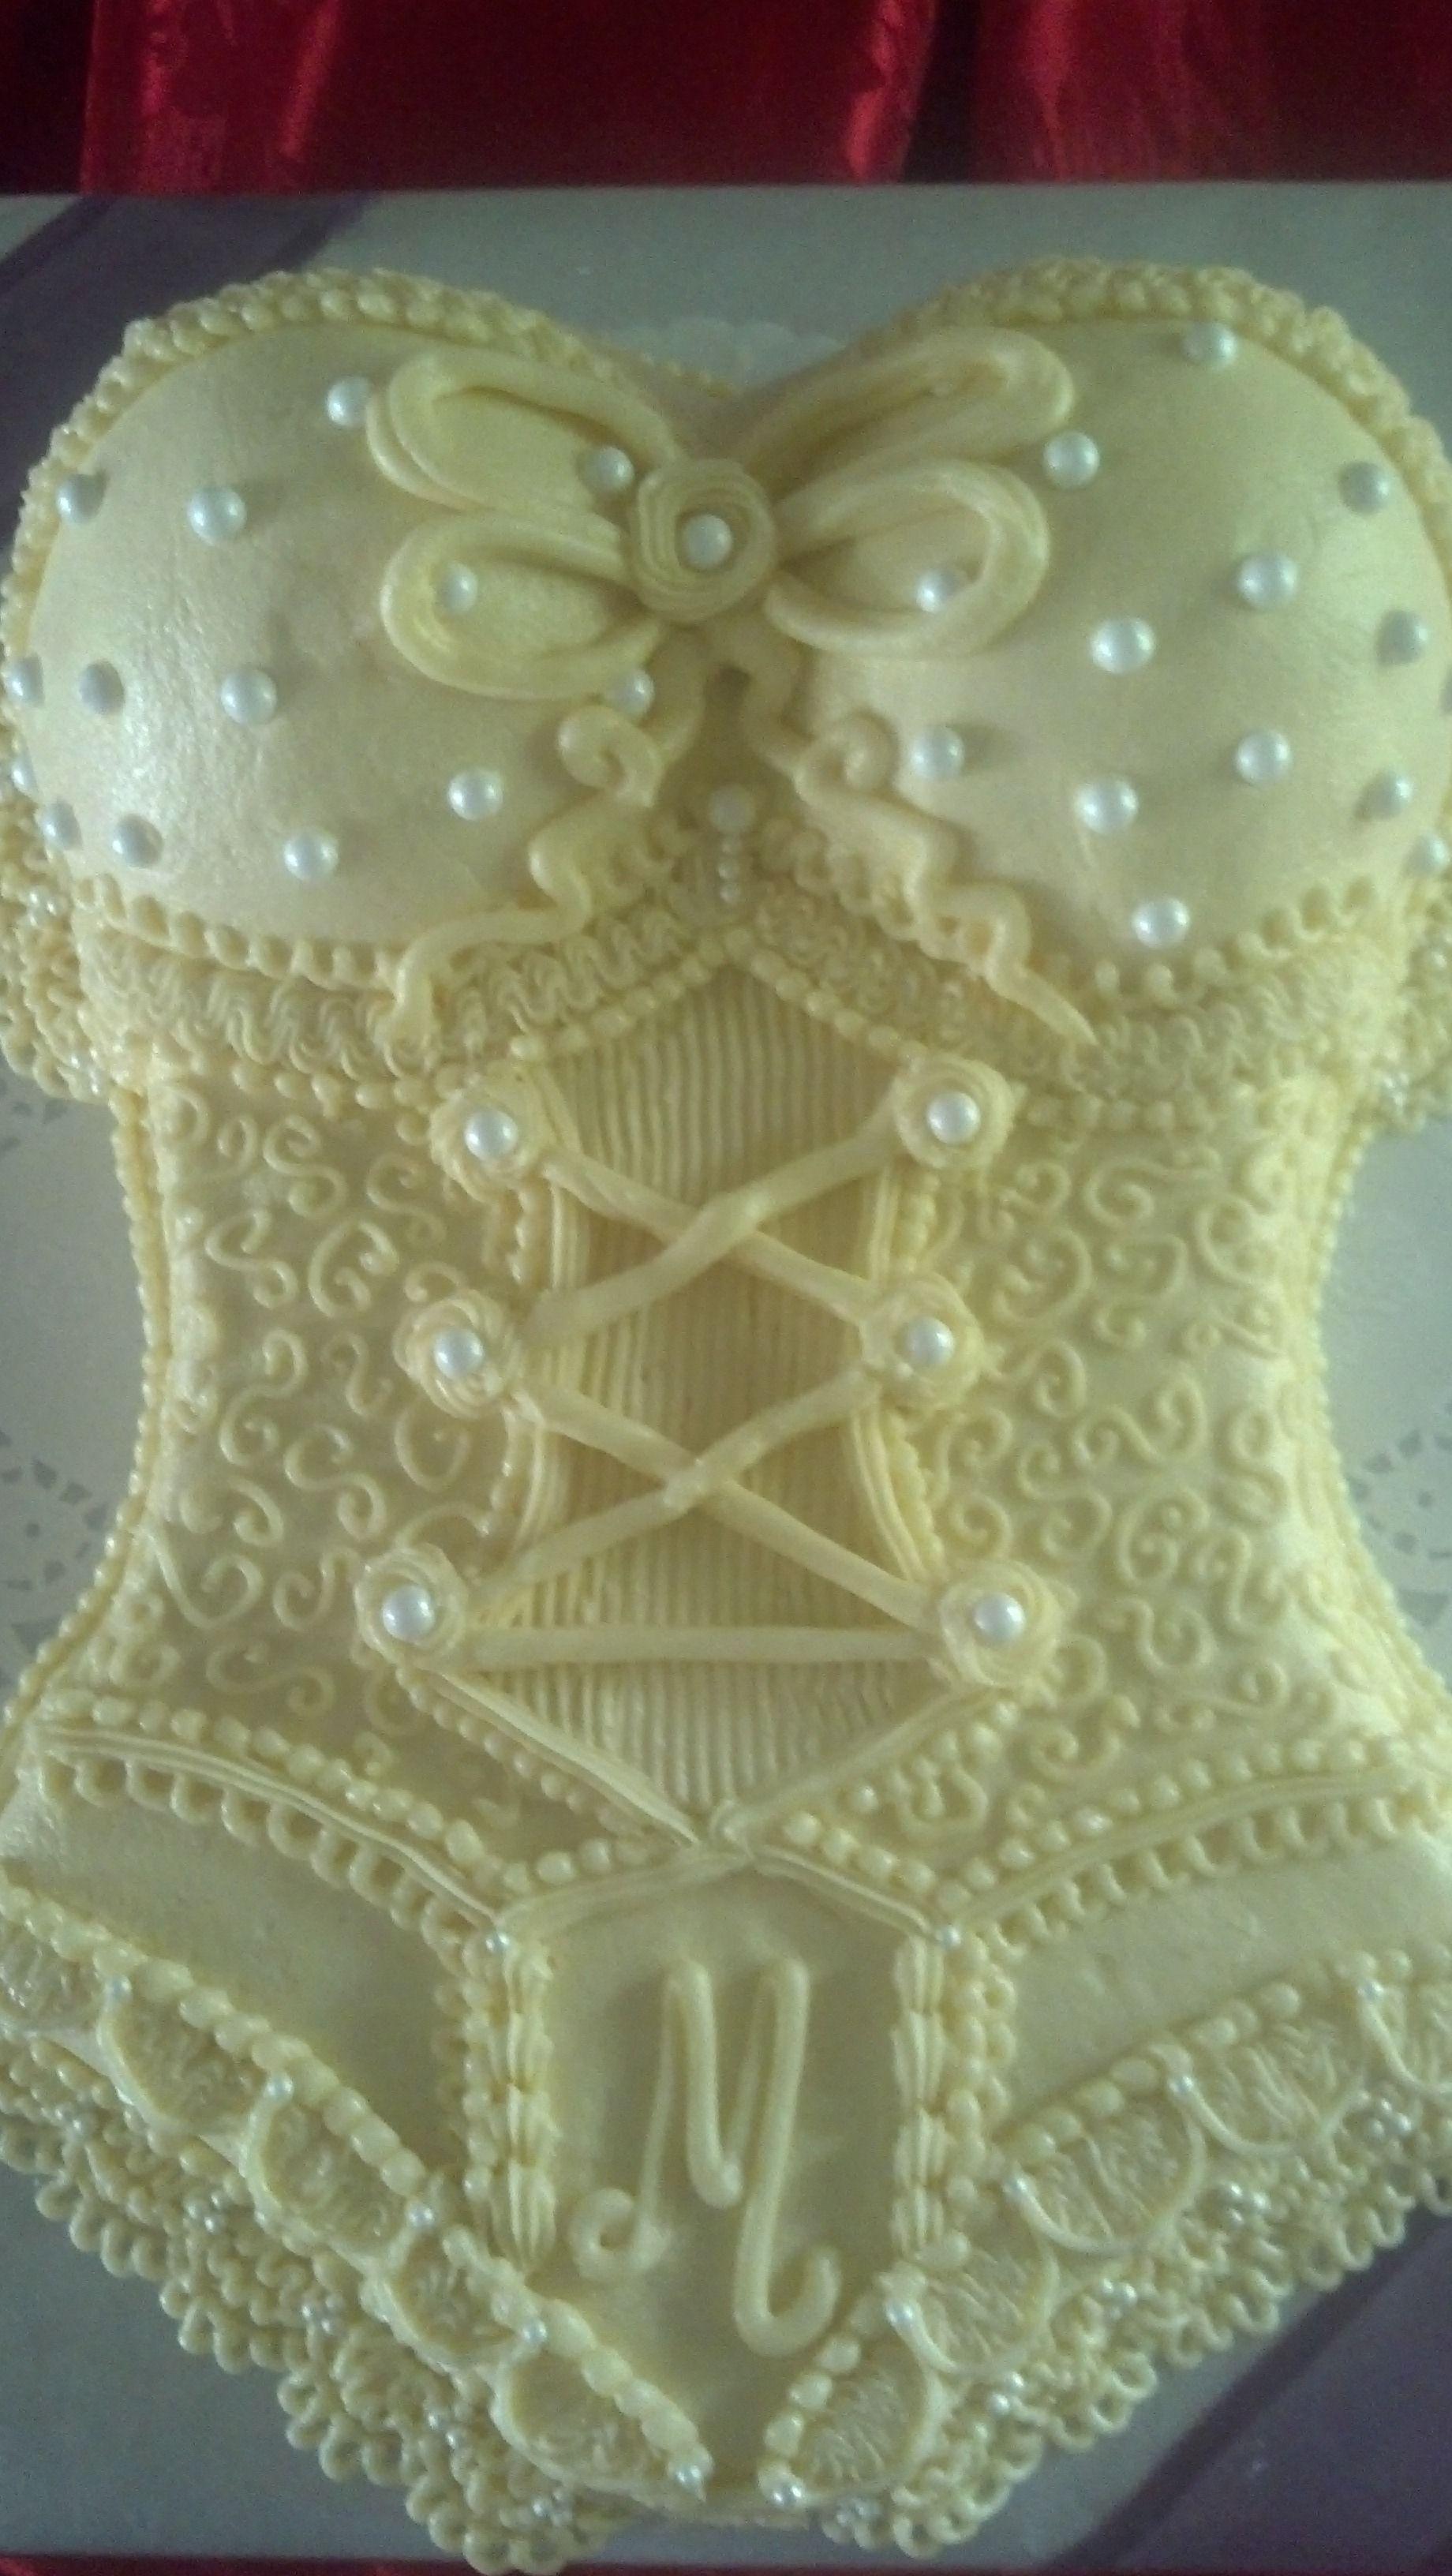 lingerie taart Lingerie taart cake   cakes/cupcakes | Pinterest   Lingerie taart  lingerie taart